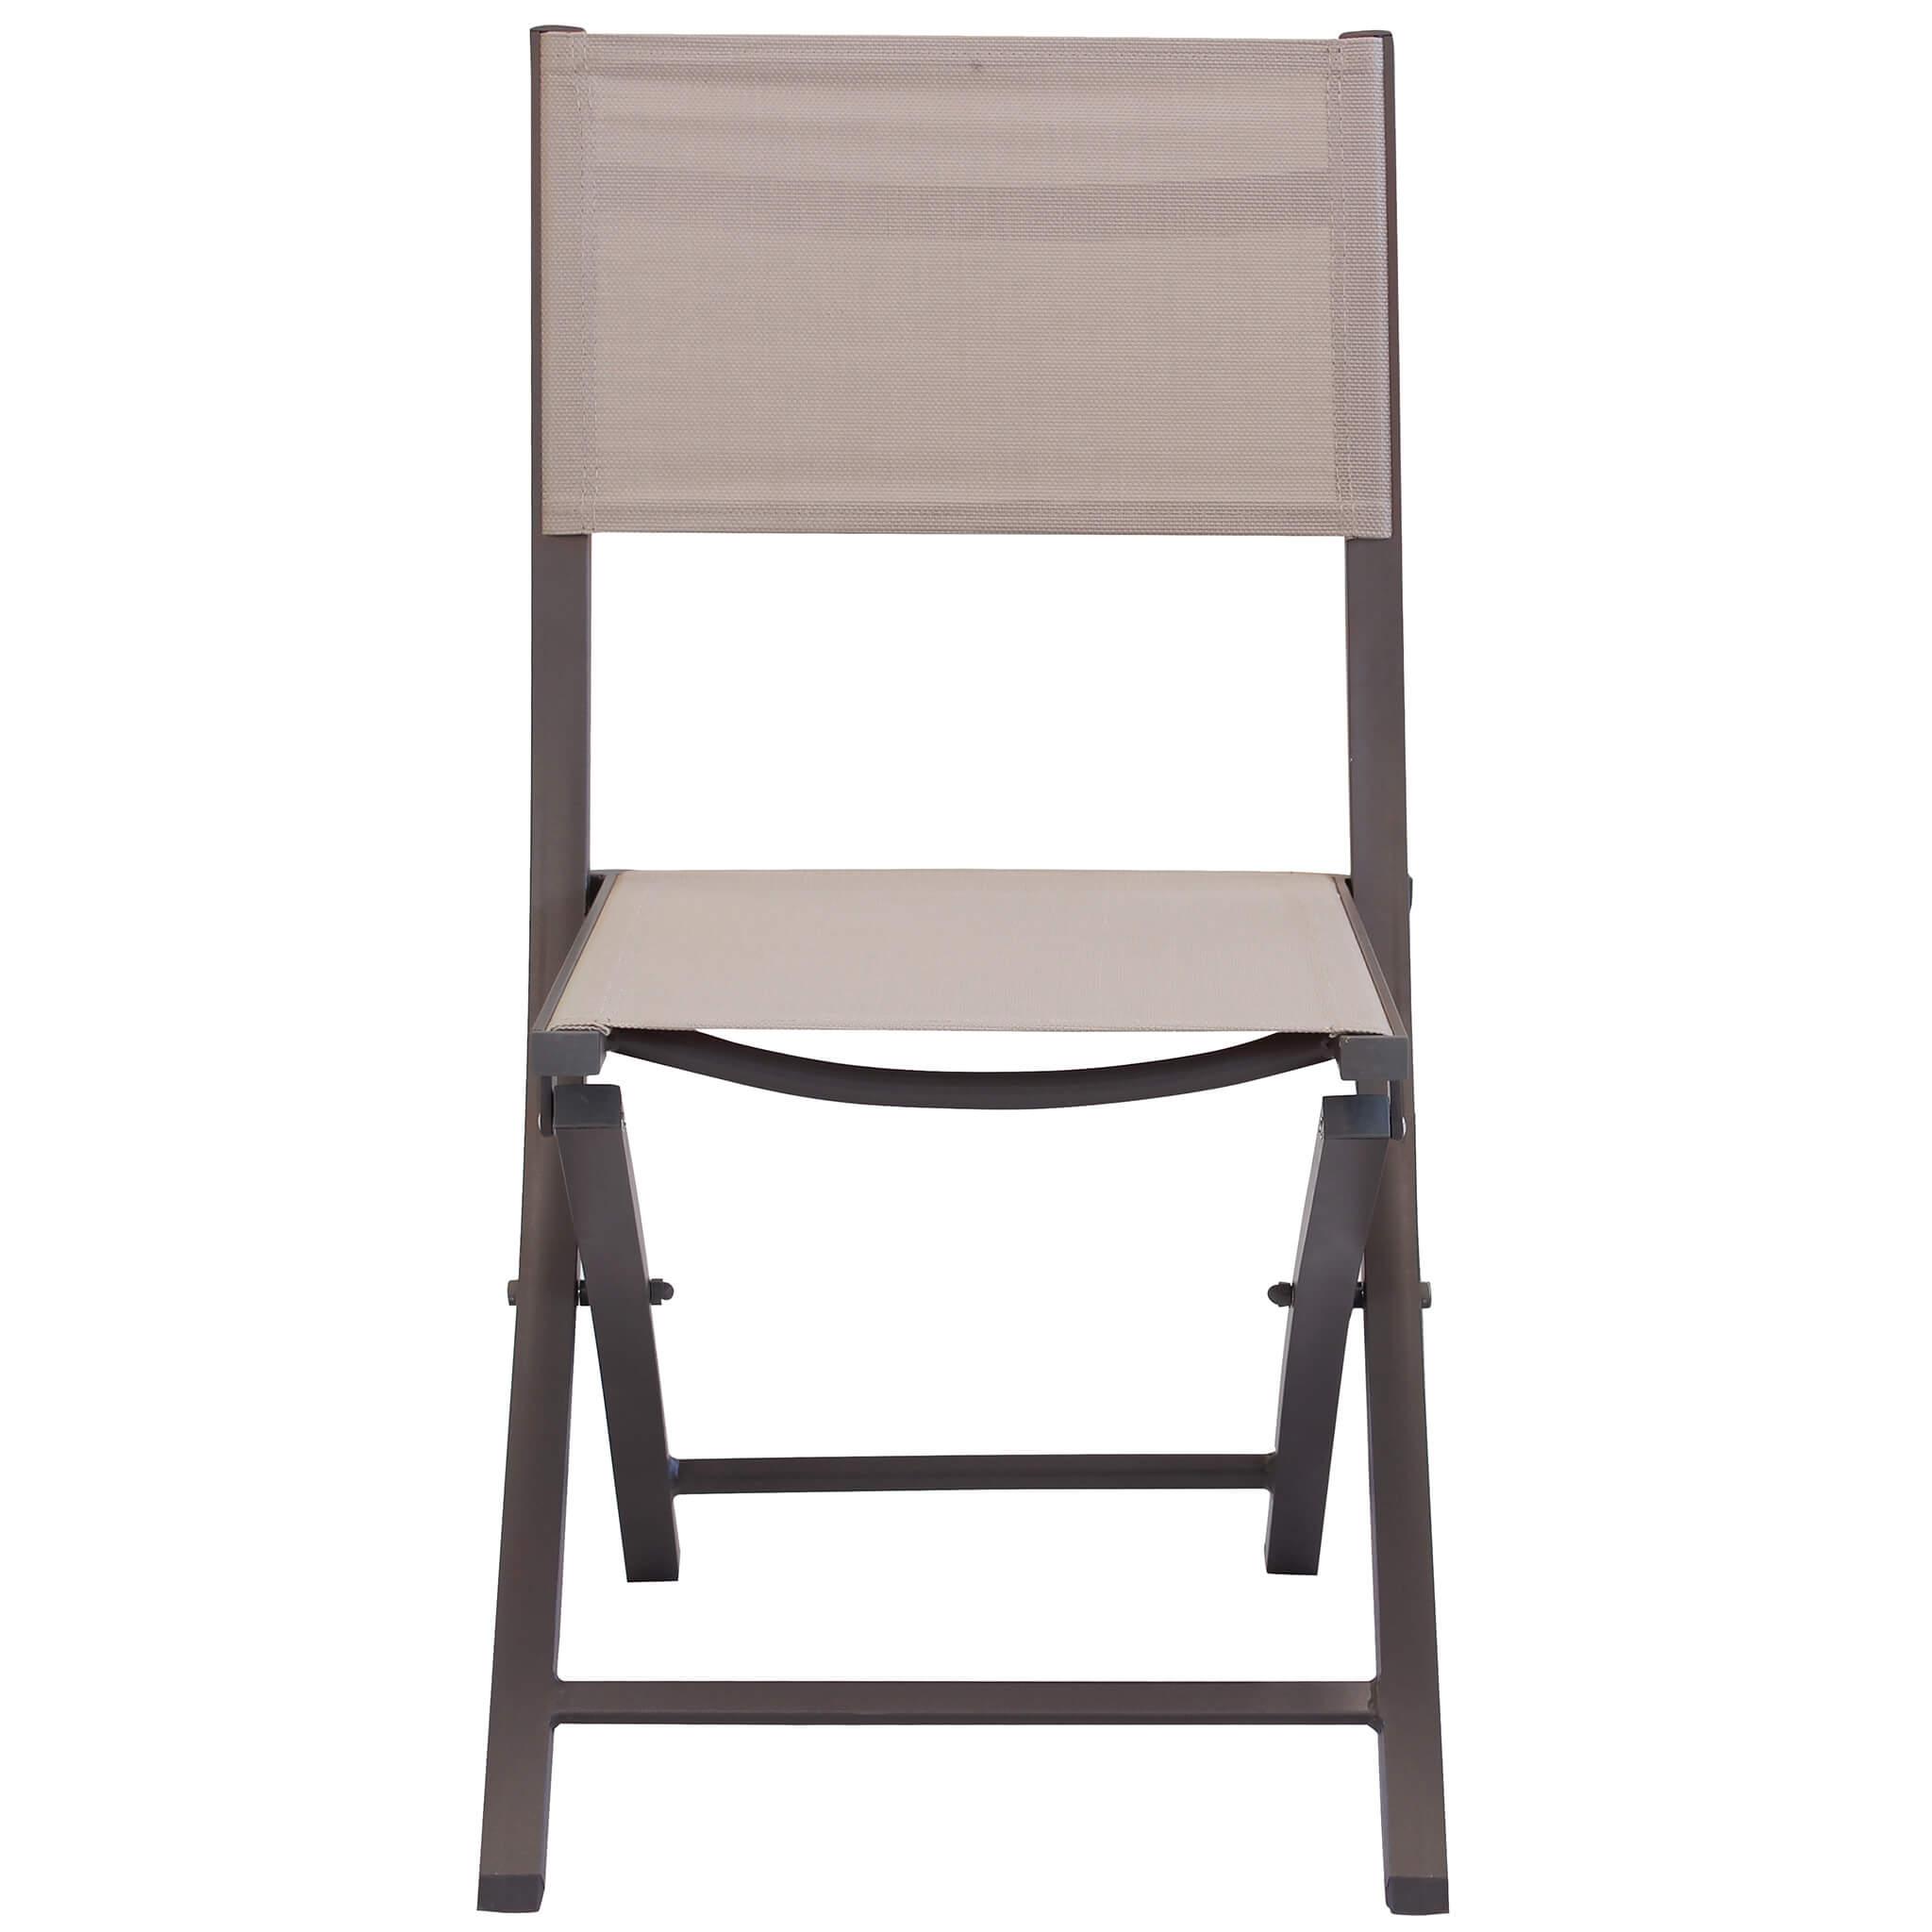 Milani Home GAJA - sedia da giardino in alluminio e textilene pieghevole salvaspazio